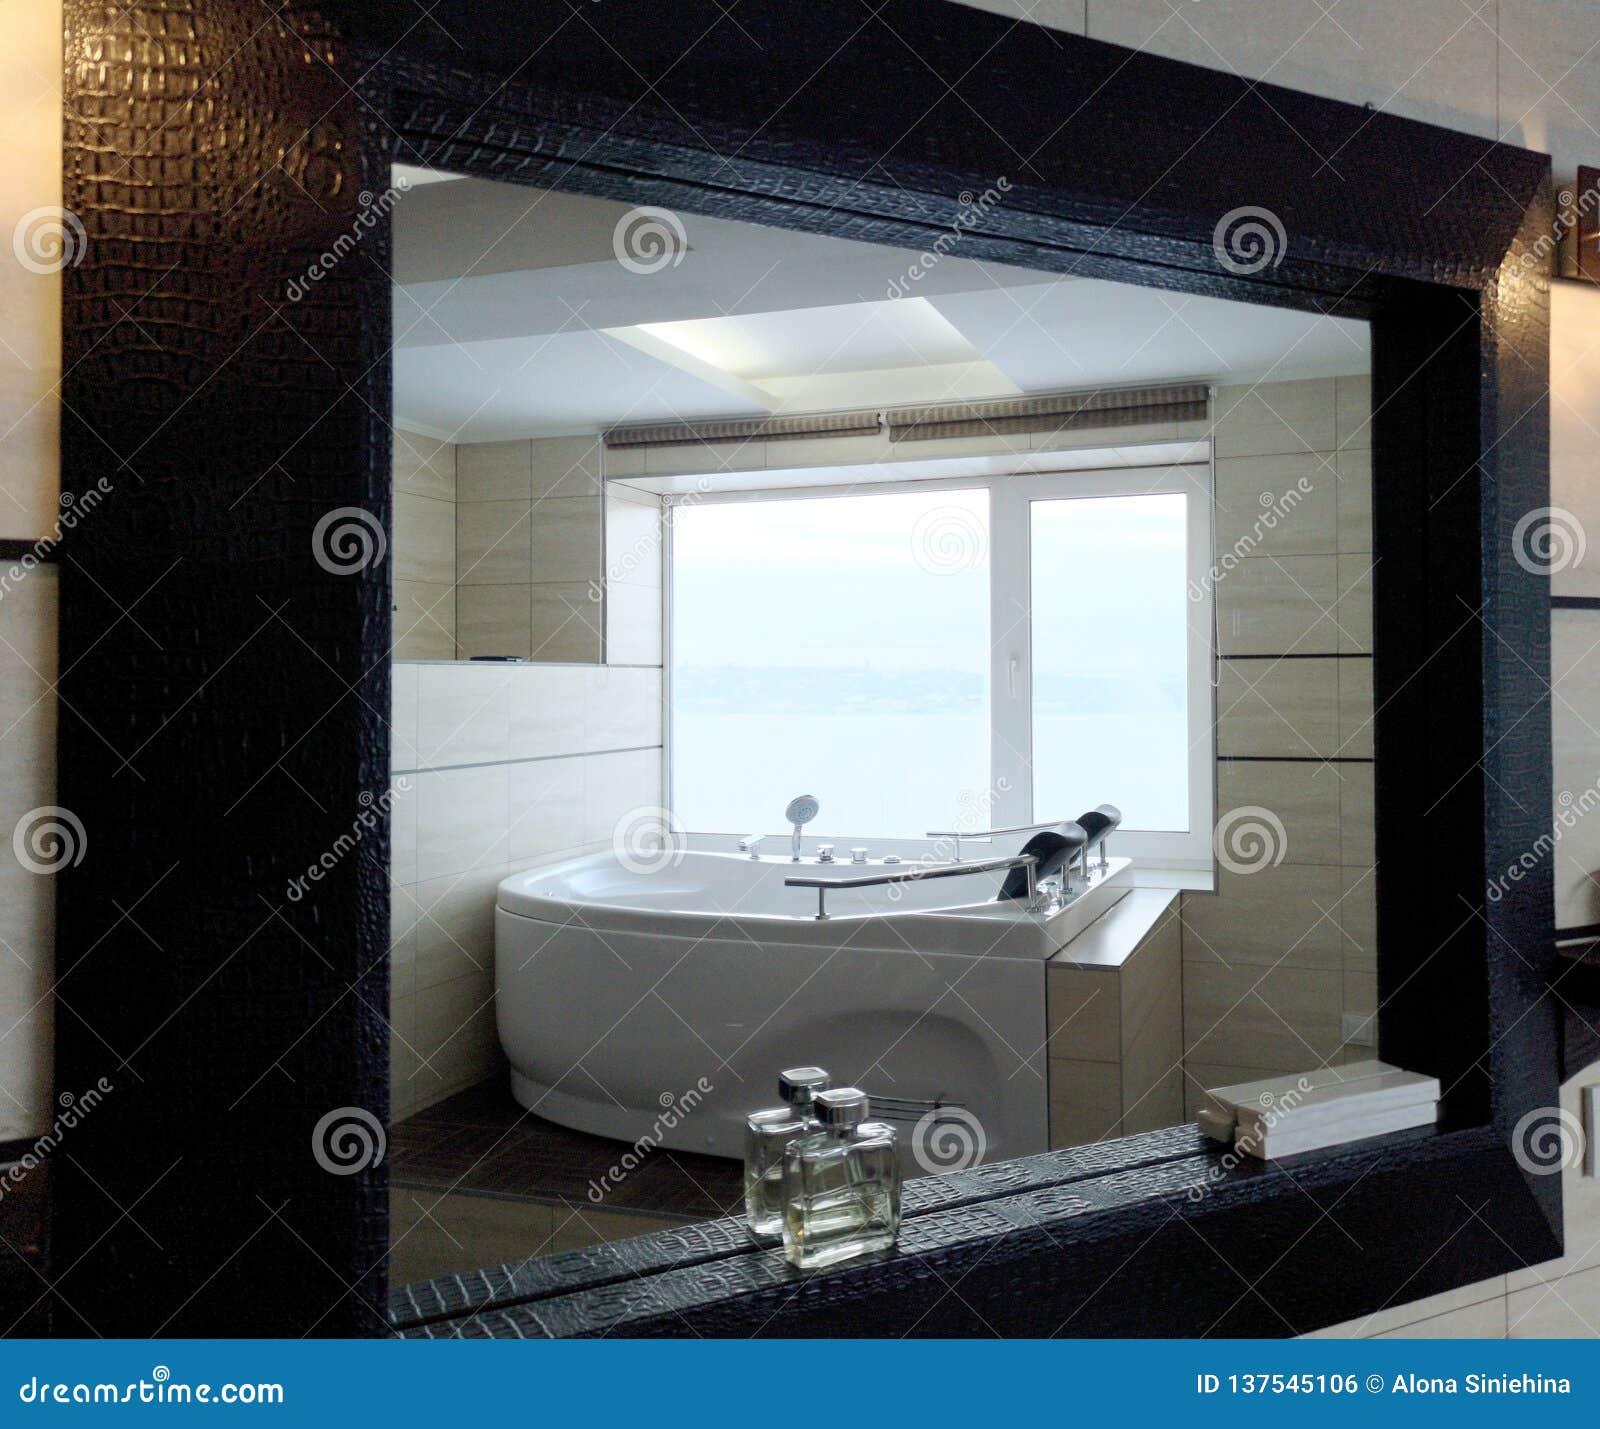 浴盆在酒店房间 美丽的景色、放松和放松 照片通过镜子的反射